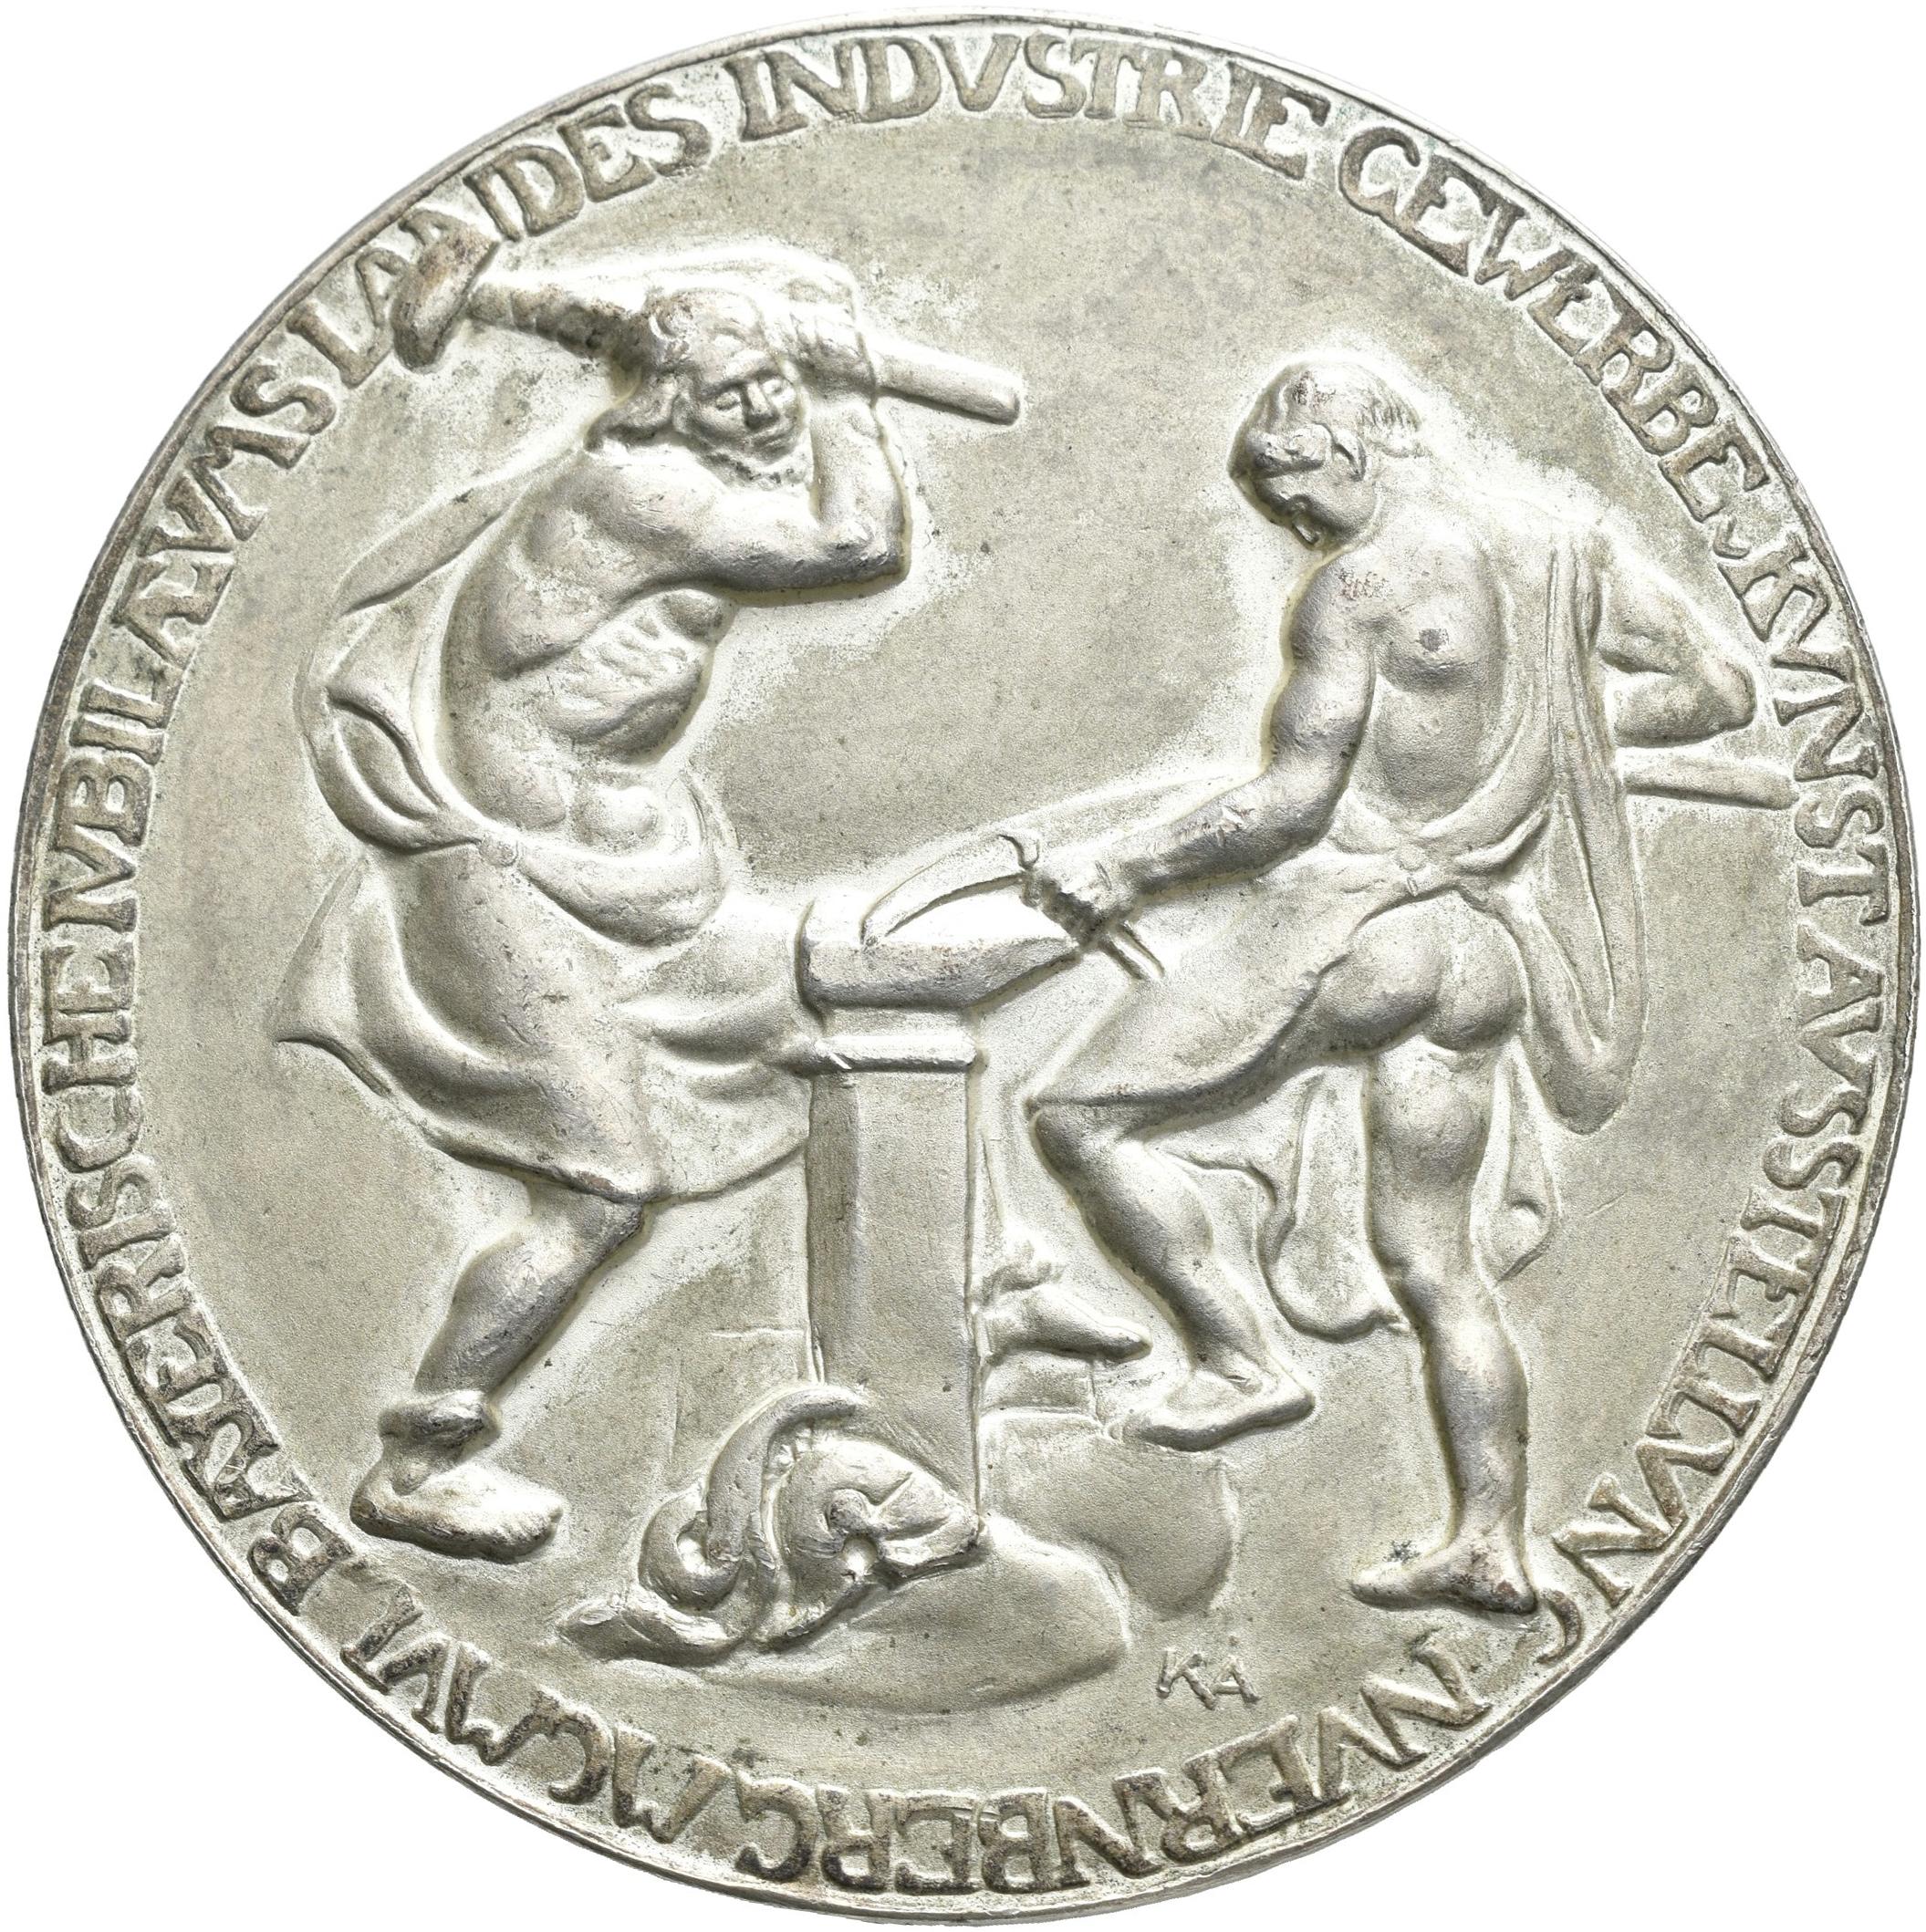 Lot 01516 - Medaillen Deutschland - Geographisch   Münzen  -  Auktionshaus Christoph Gärtner GmbH & Co. KG 51th Auction - Day 1